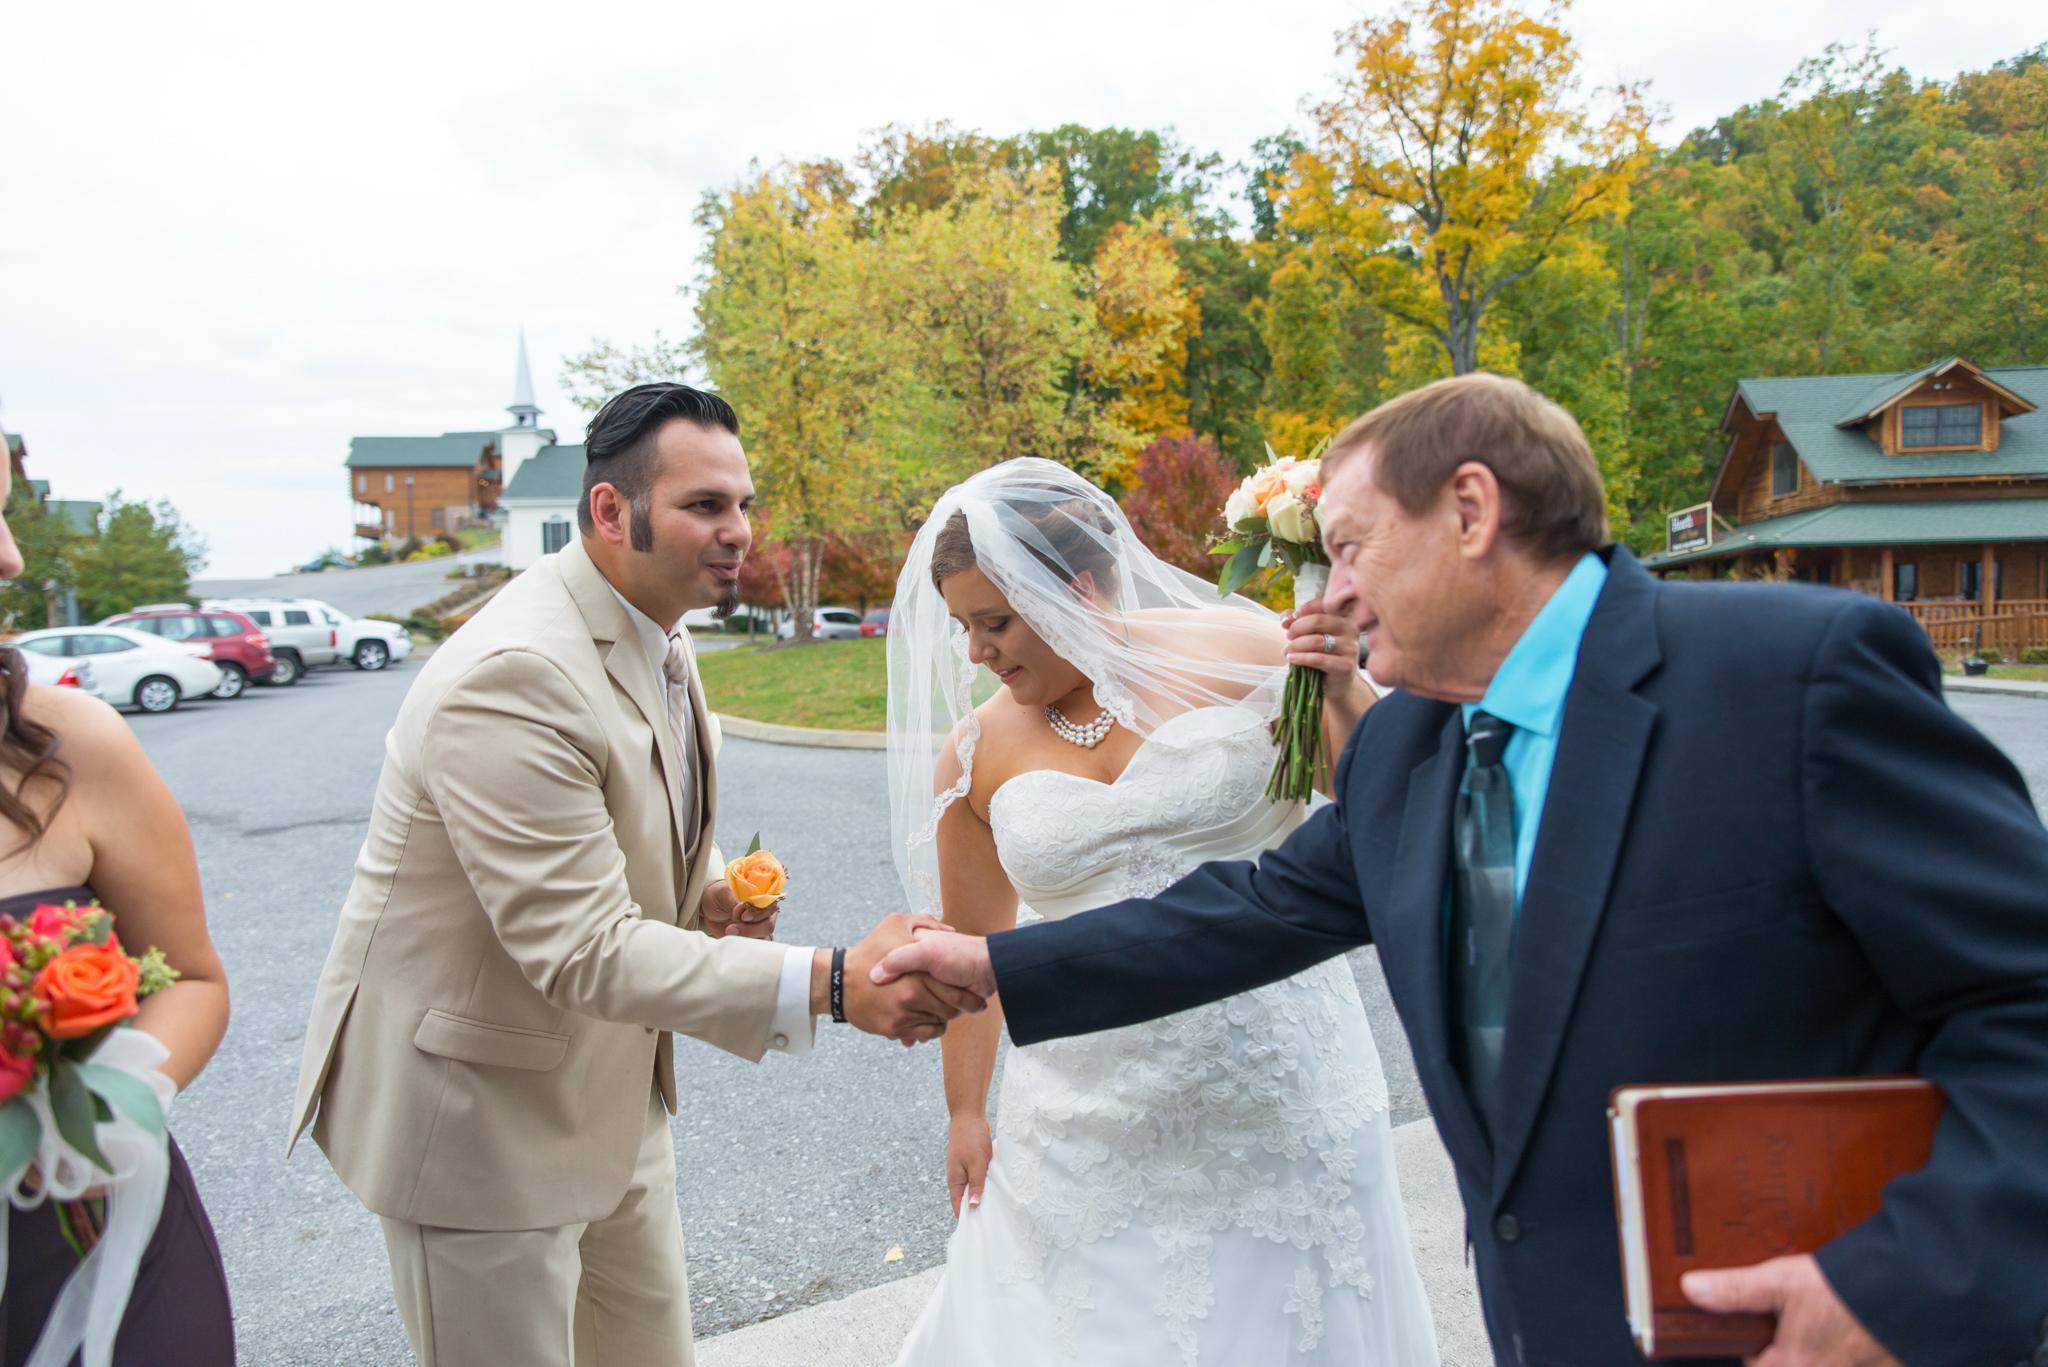 Groom shaking officiant's hand after Gatlinburg wedding